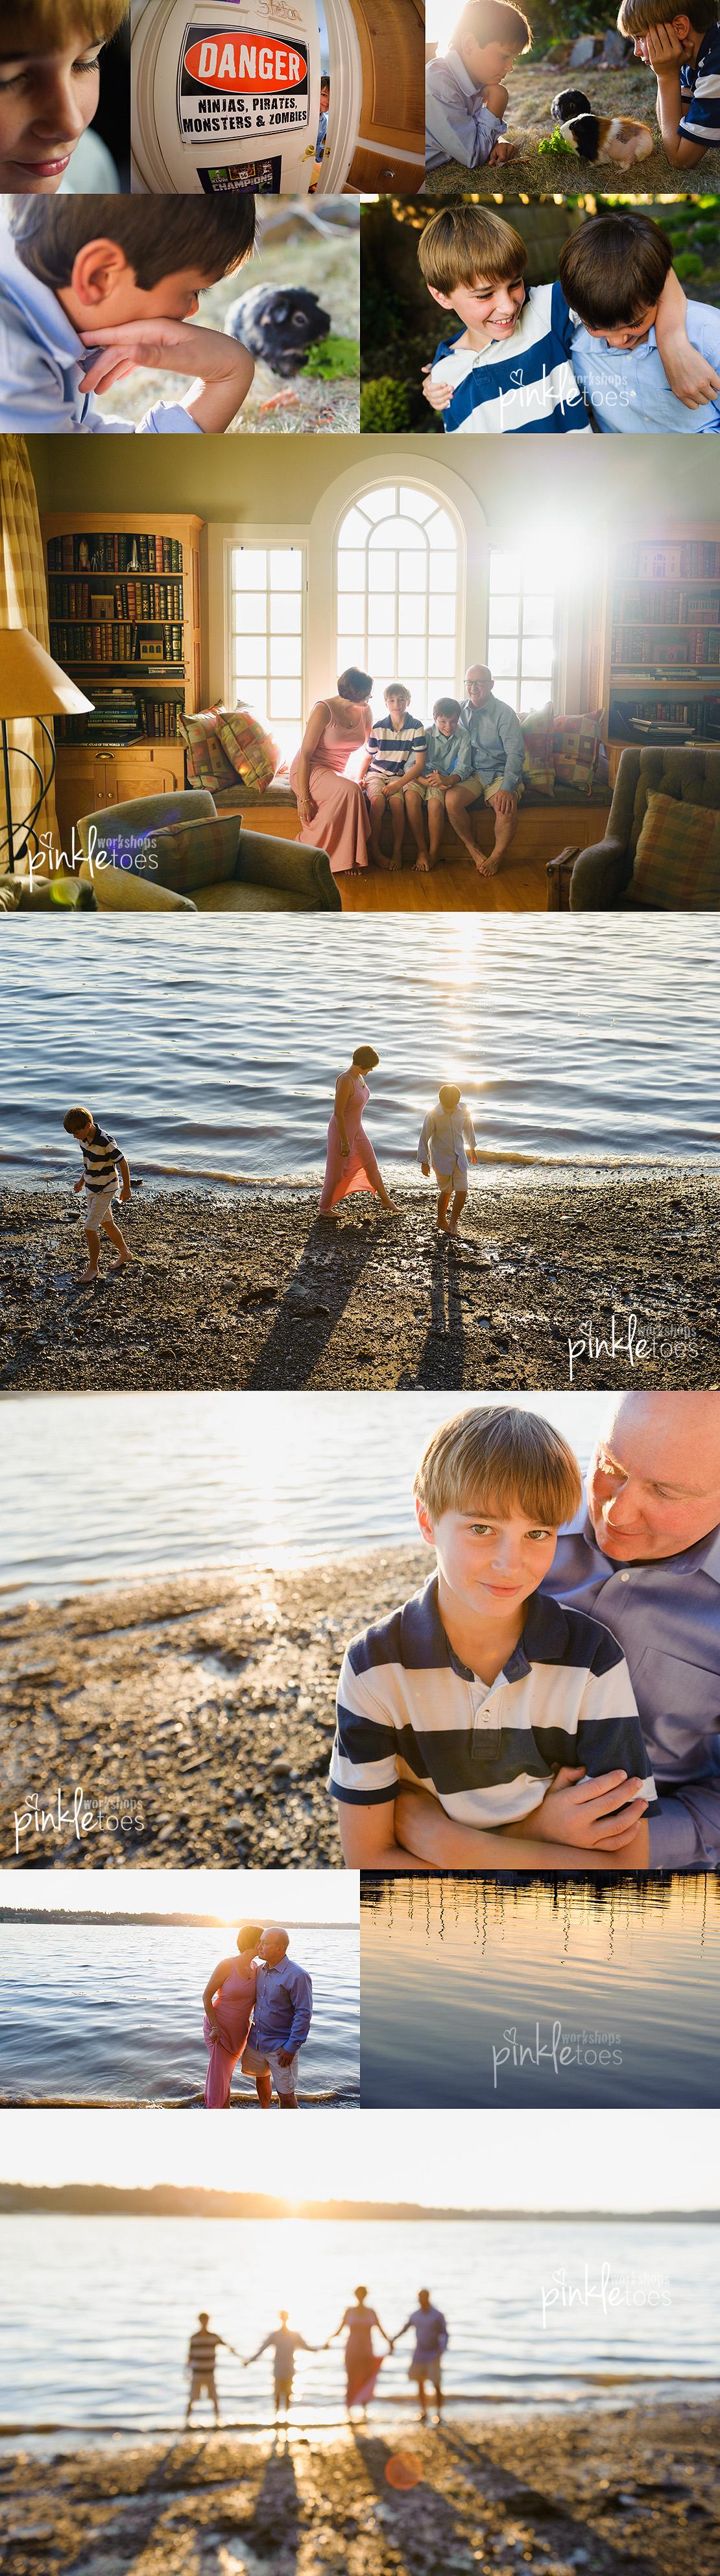 family-pinkle-toes-texas-washington-sydney-australia-lifestyle-photography-workshop